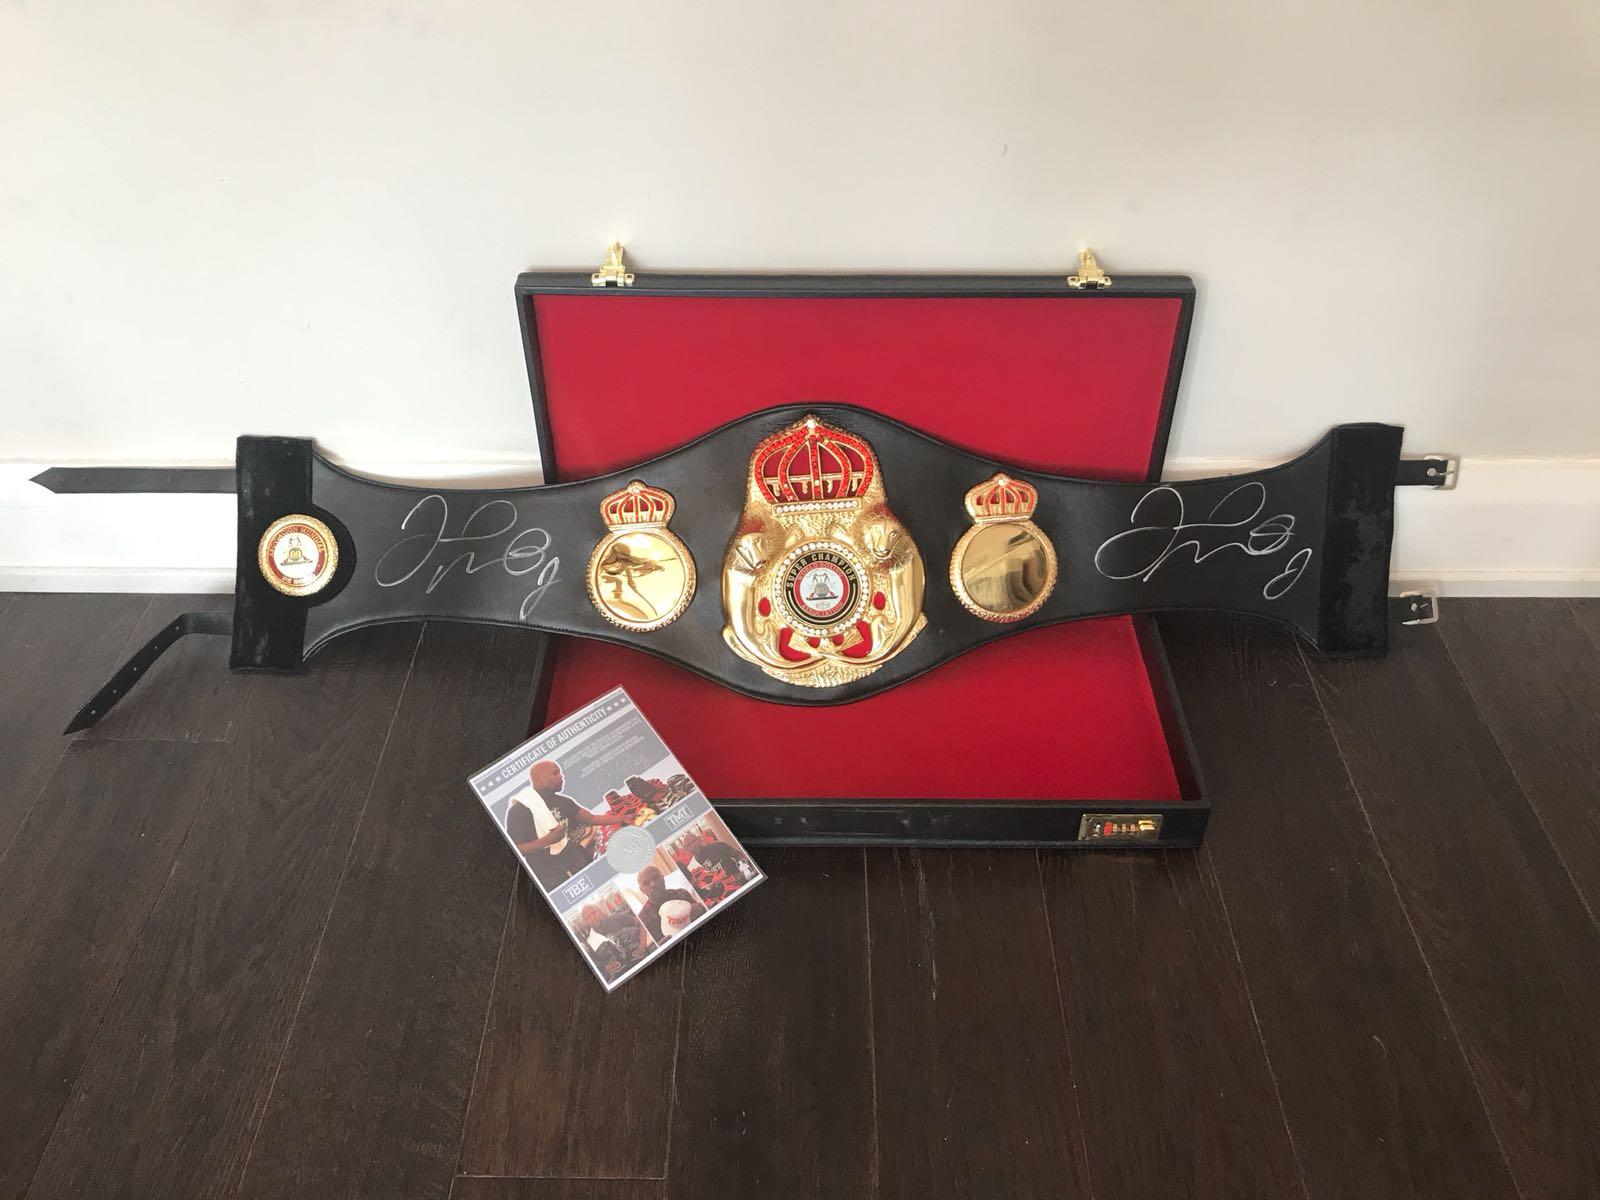 Floyd Mayweather Signed Full Size Championship Belt